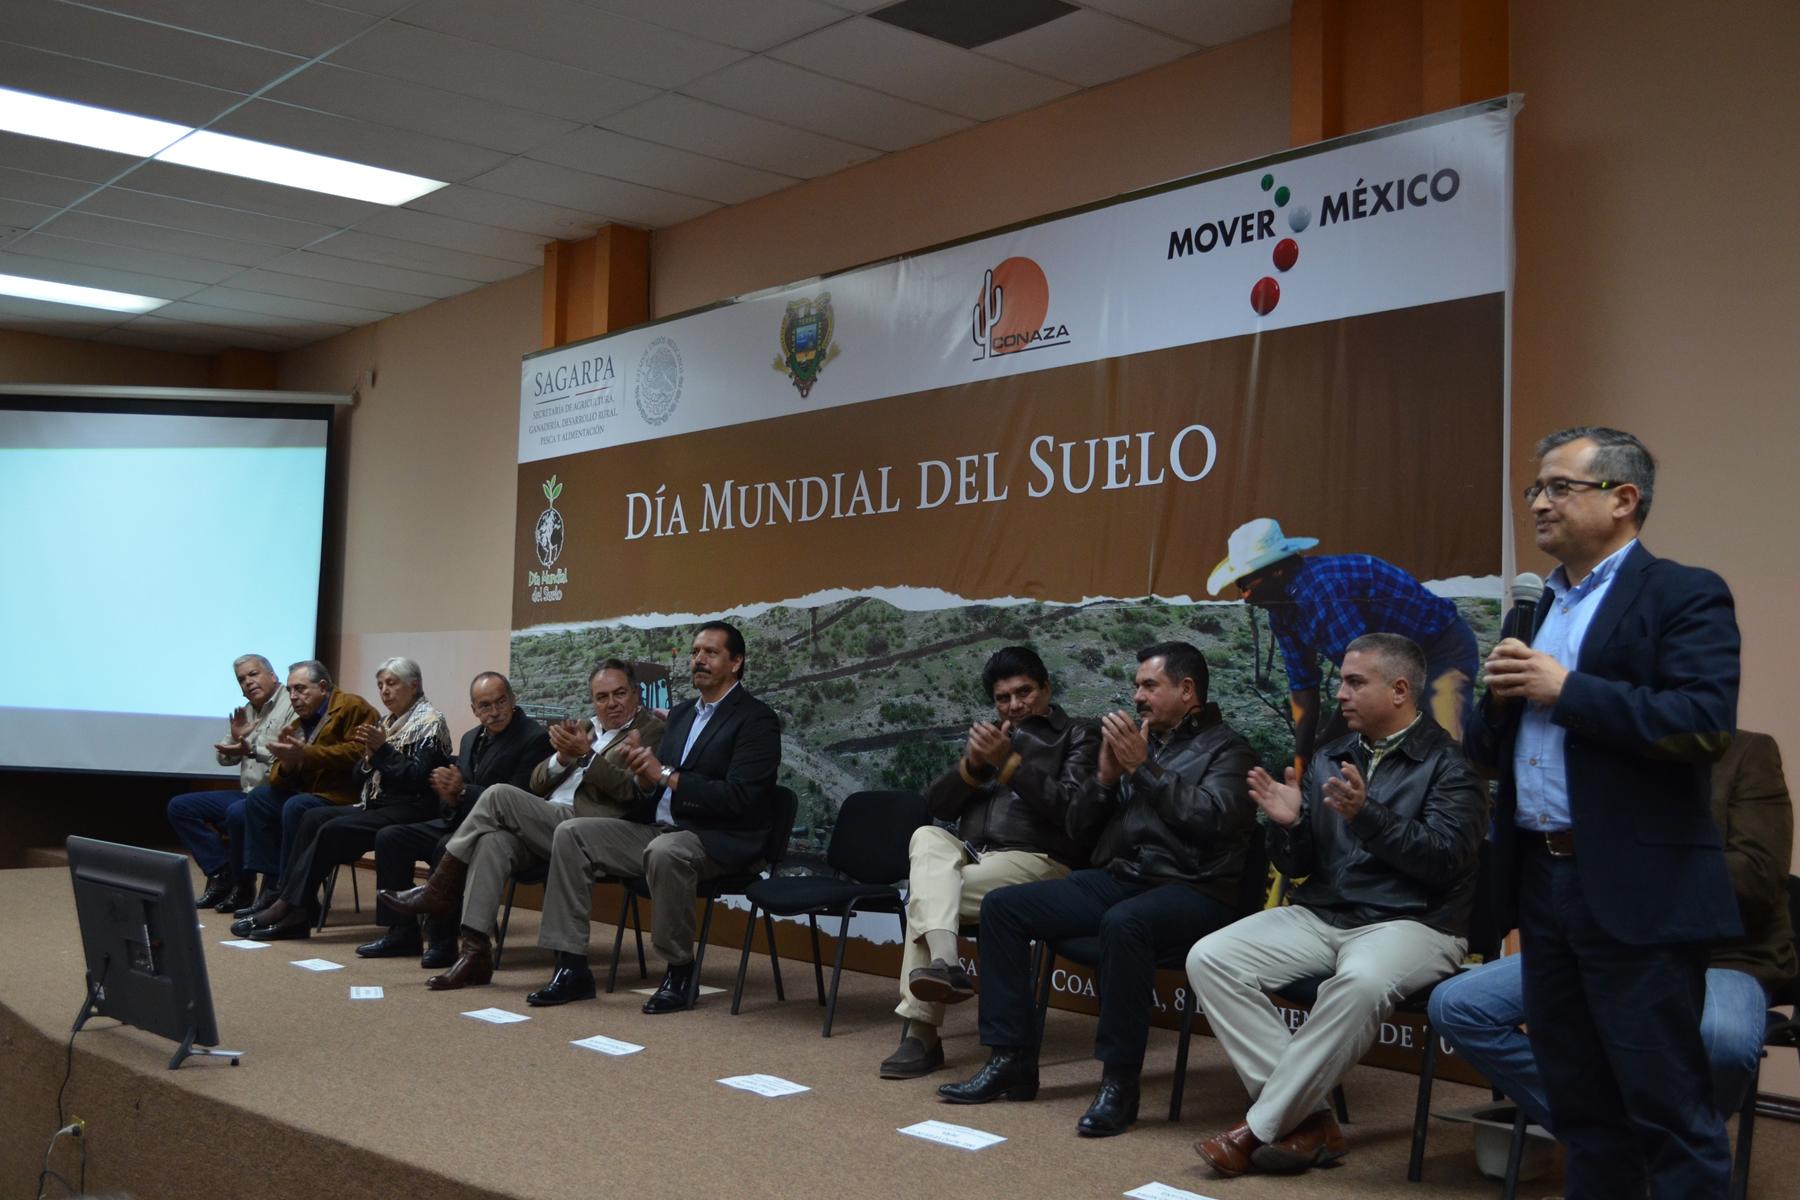 El subsecretario de Desarrollo Rural de la SAGARPA, Héctor Velasco Monroy, encabezó la conmemoración del Día Mundial del Suelo.